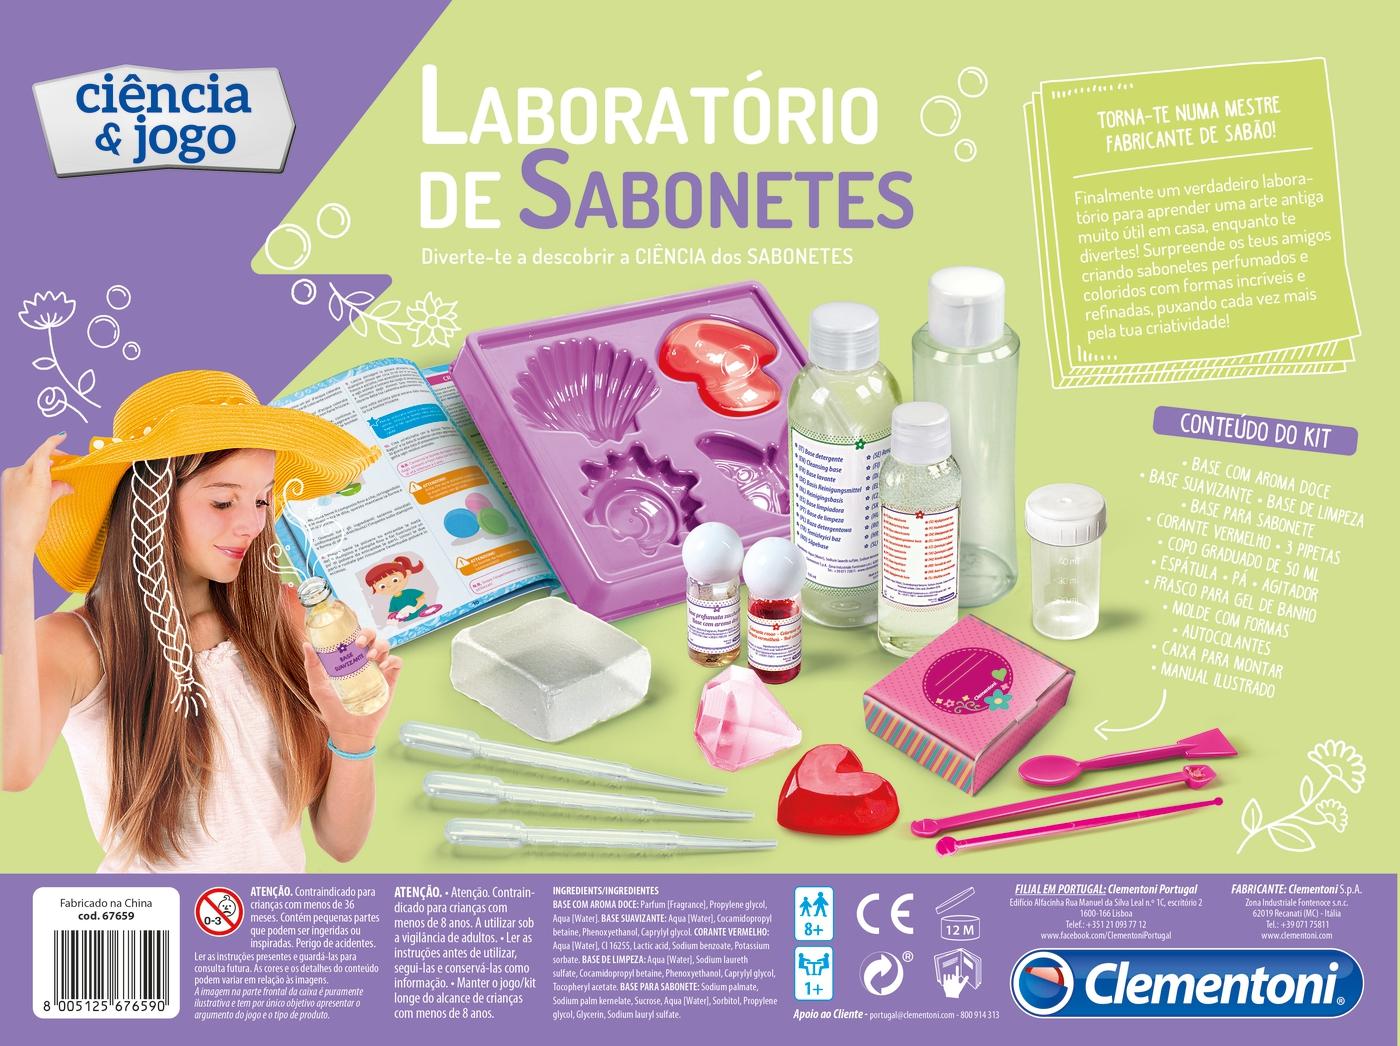 Laboratório de Sabonetes